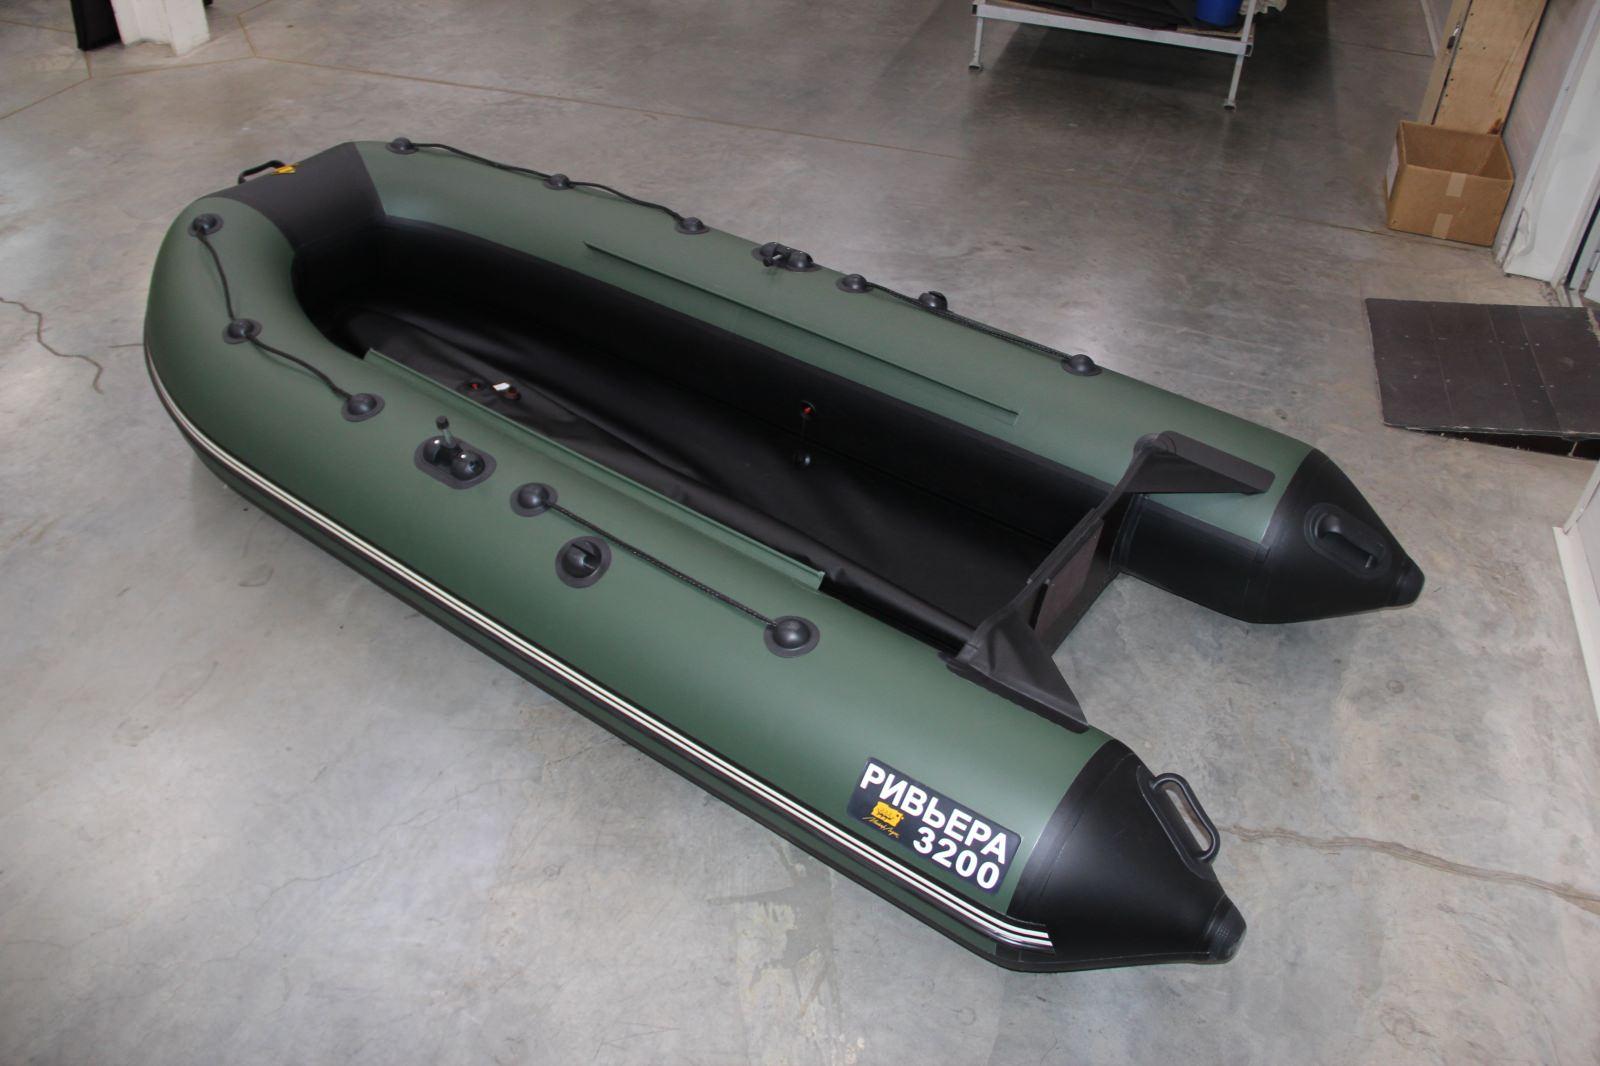 лодка ривьера 3200 ск в самаре